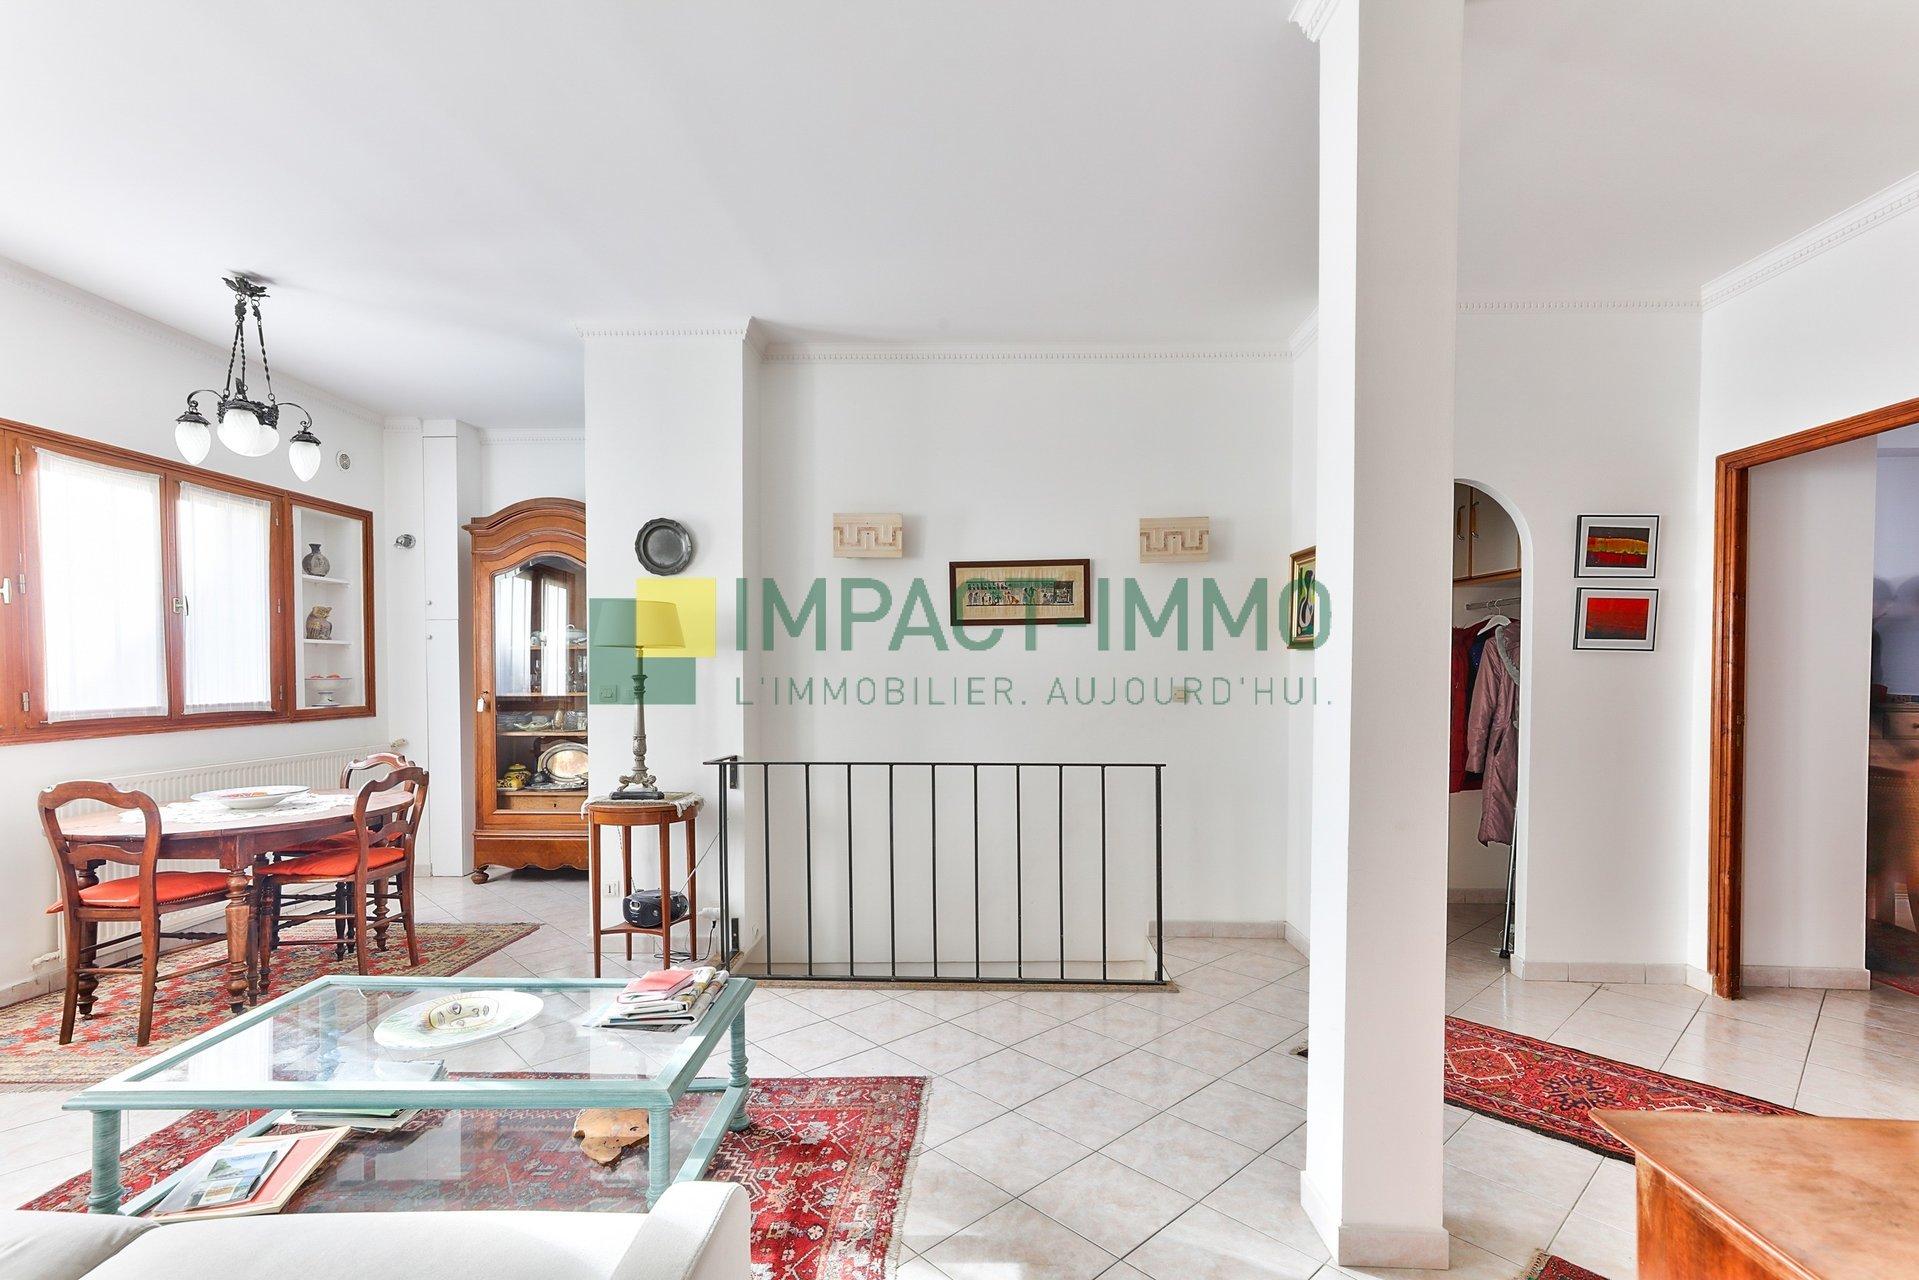 APPARTEMENT FAMILIALE - PLACE JACQUES FROMENT - PARIS 18